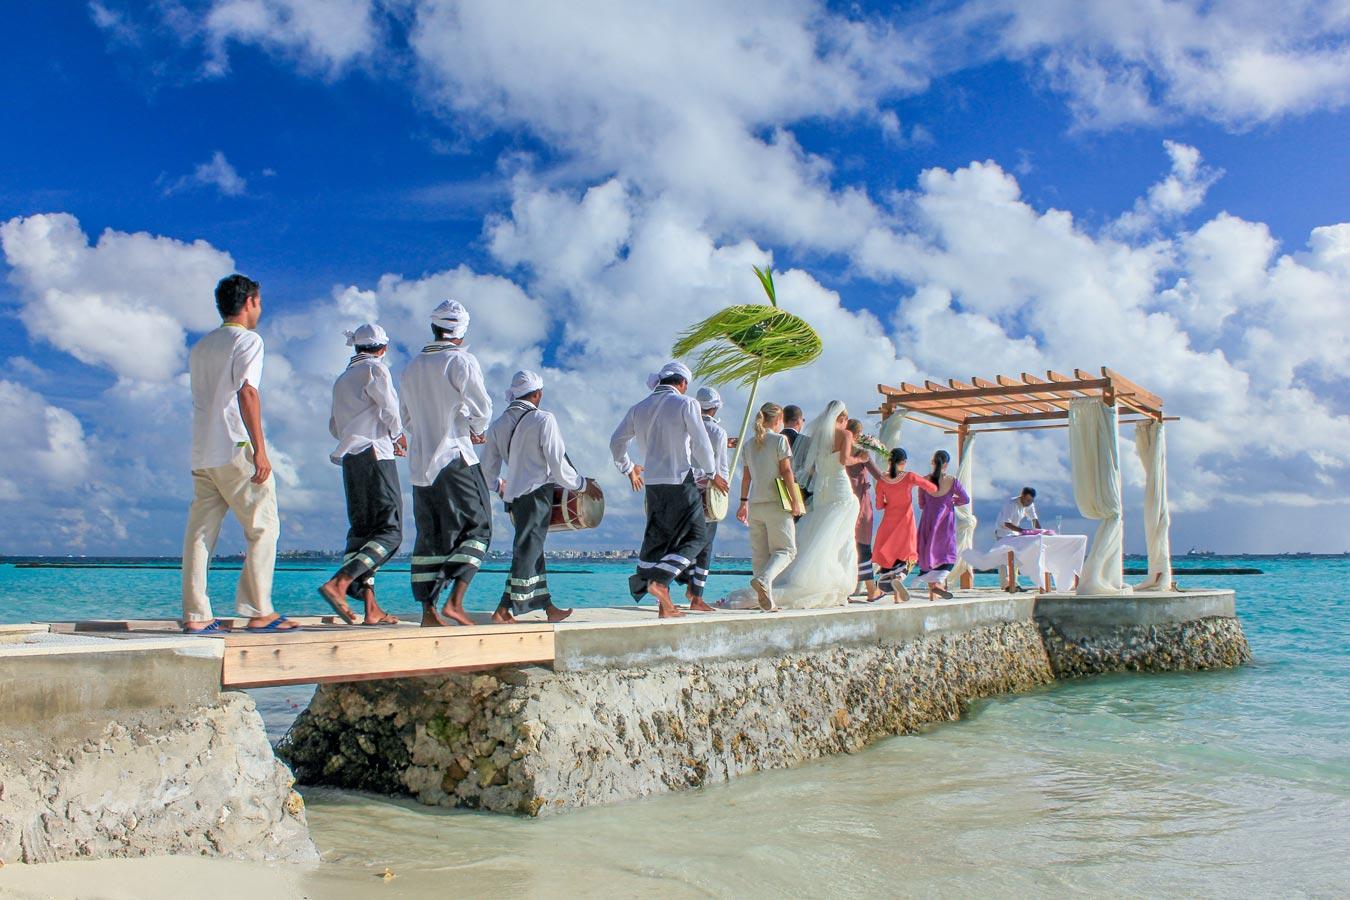 Maldives Resort Island Wedding Image | Kurumba Maldives